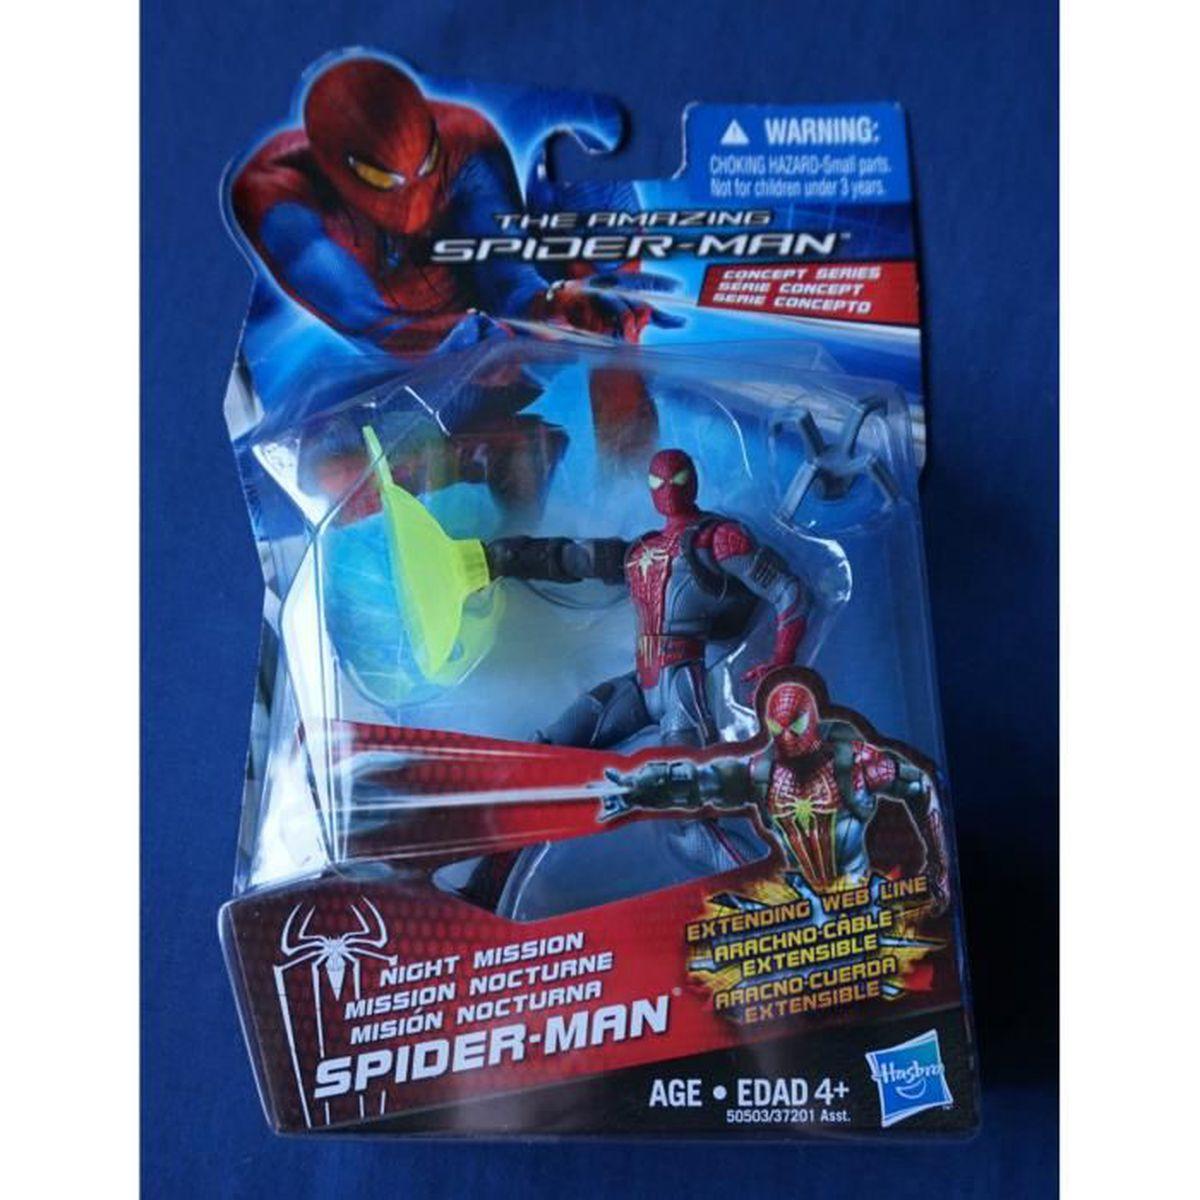 Lance toile spiderman achat vente jeux et jouets pas chers - Jouet spiderman pas cher ...